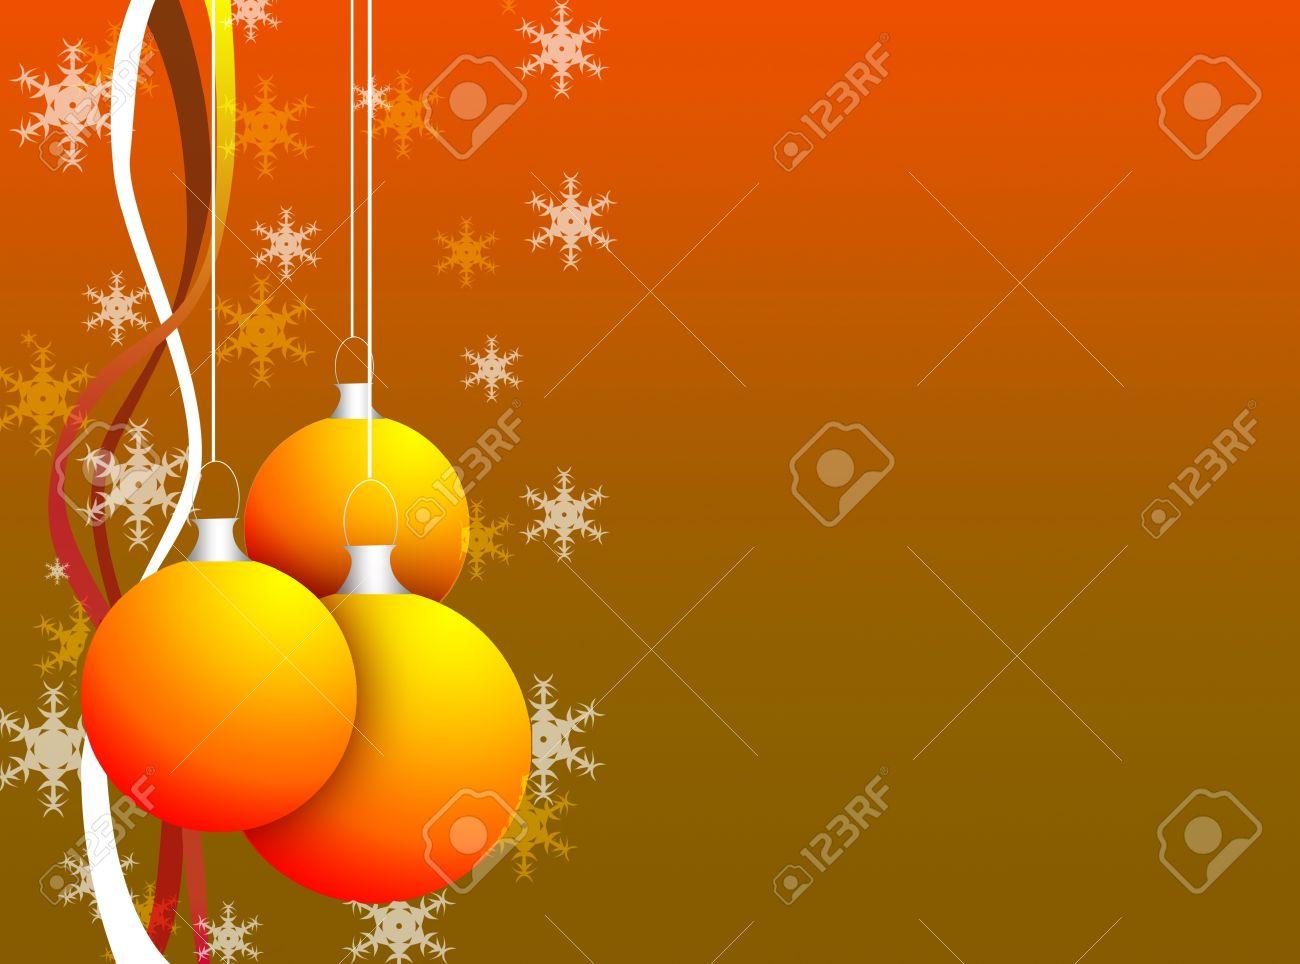 Cadre De Noël Pour Carte De Voeux Avec Un Fond Orange Banque D